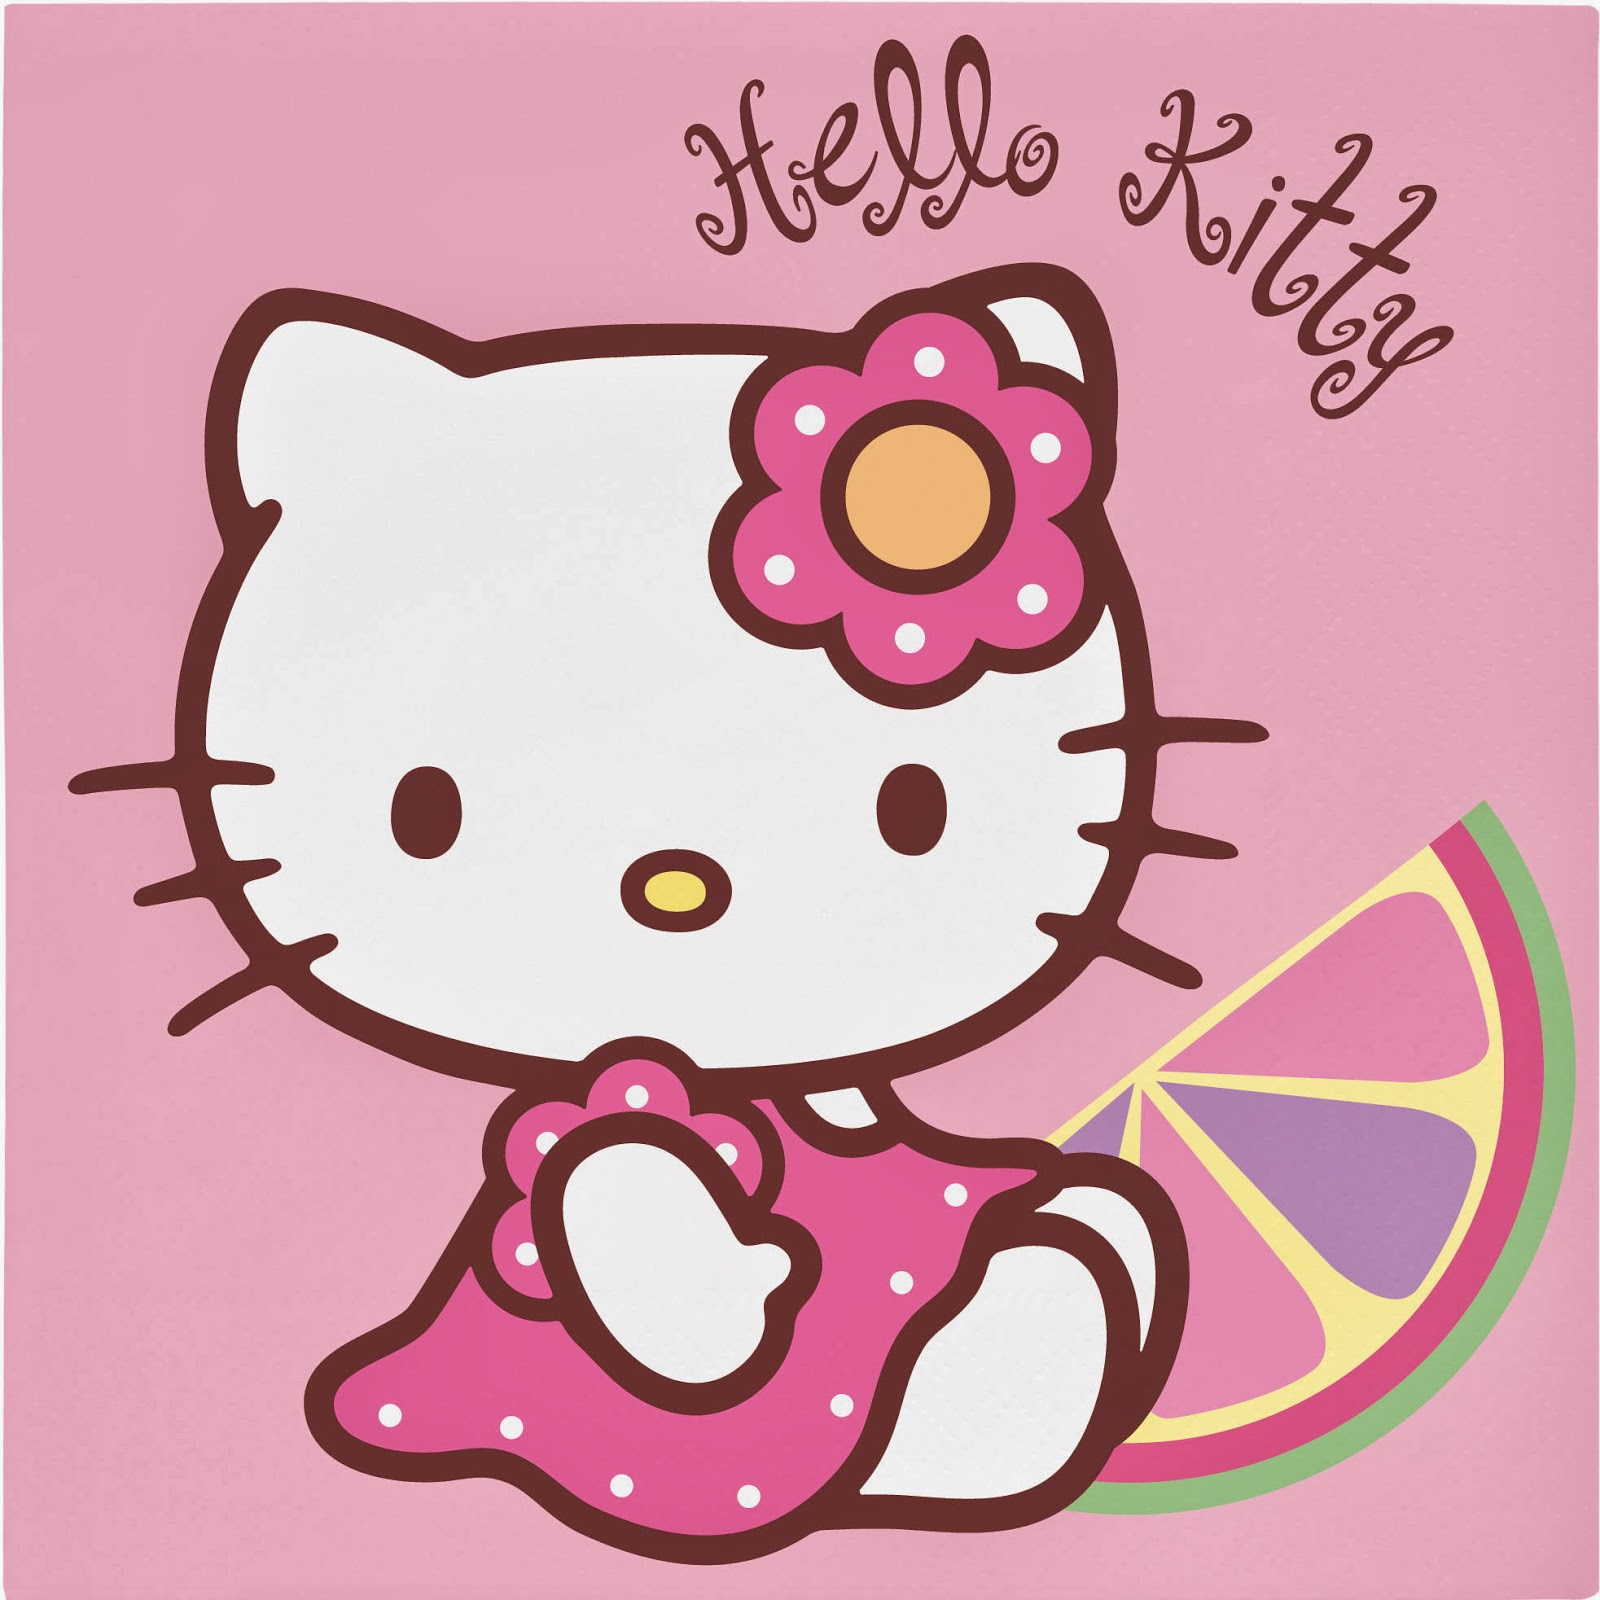 Koleksi Dp Bbm Lucu Bergerak Hello Kitty Kocak Dan - Hello Kitty Wallpaper Hd - HD Wallpaper